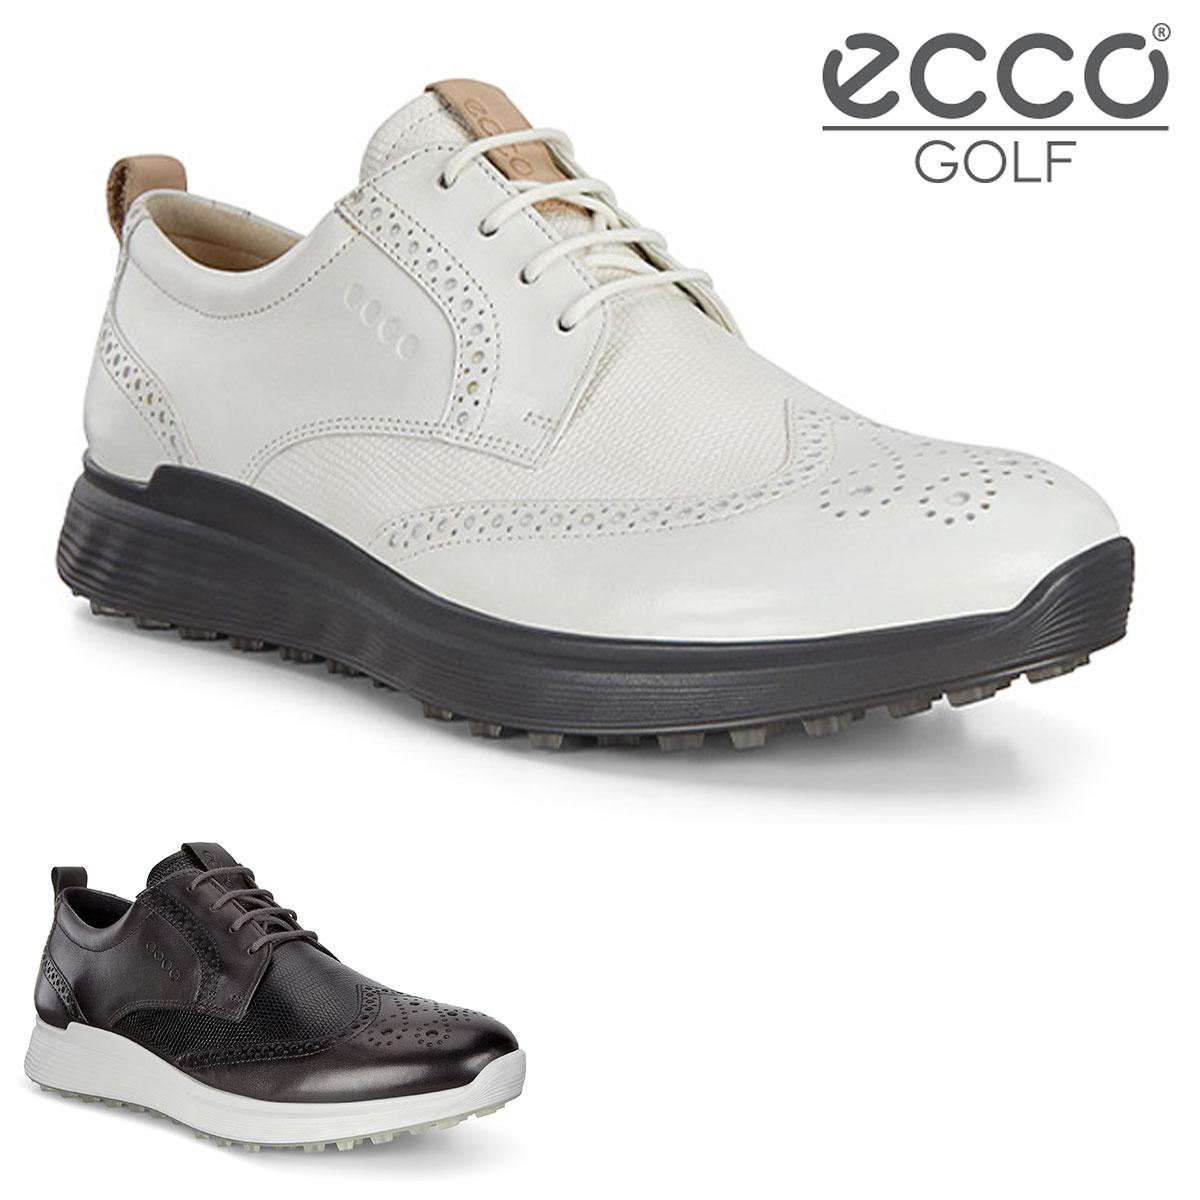 ECCO(エコー)日本正規品 S-CLASSIC(エスクラシック) メンズモデル スパイクレスゴルフシューズ 2020新製品 「102704」 【あす楽対応】